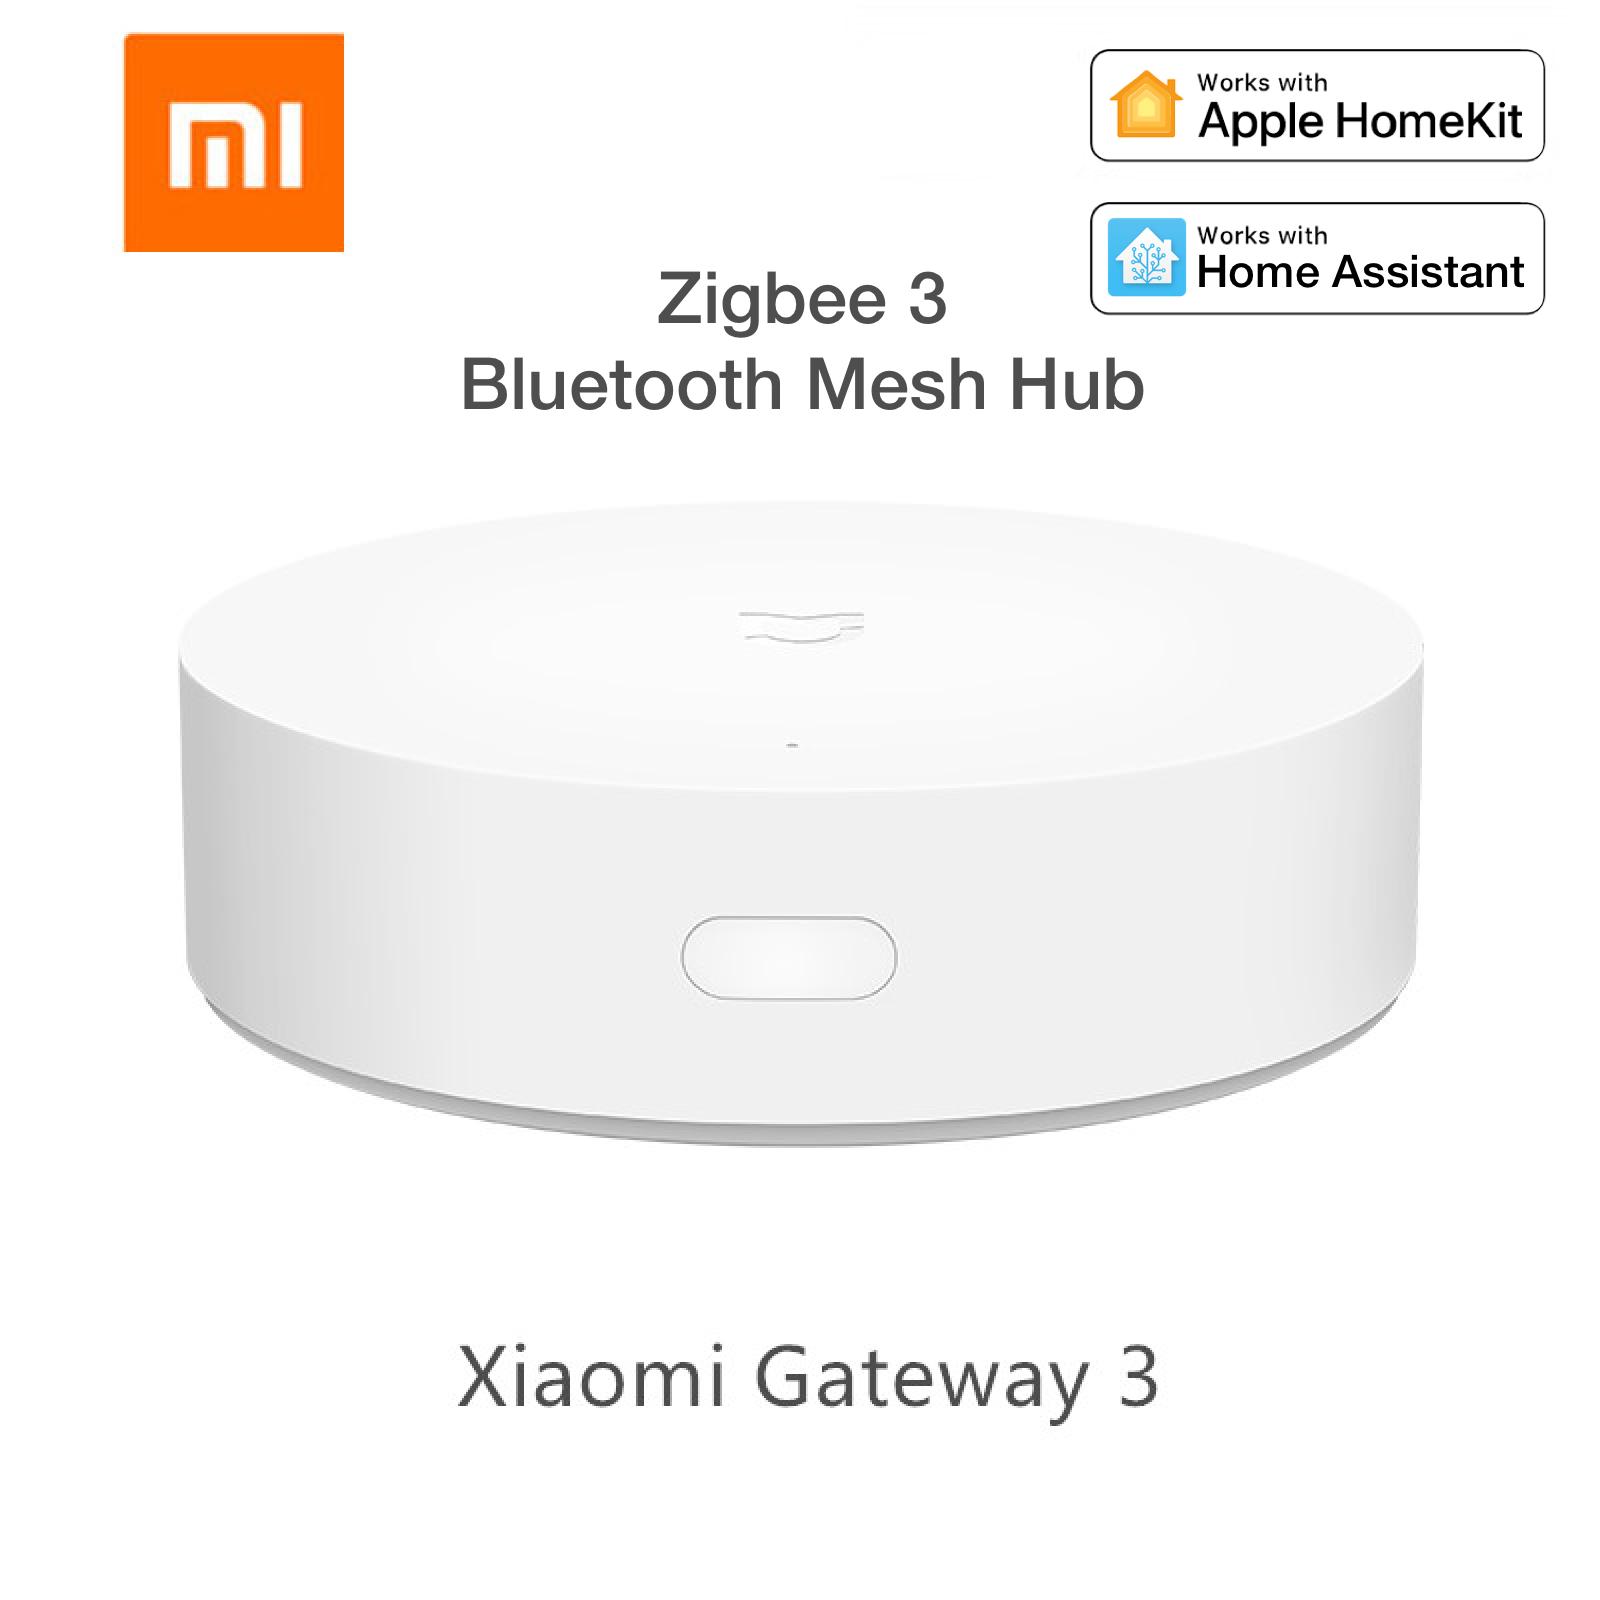 Подключаем новый Xiaomi Gateway 3 к Home Assistant без паяльника и смс - 1